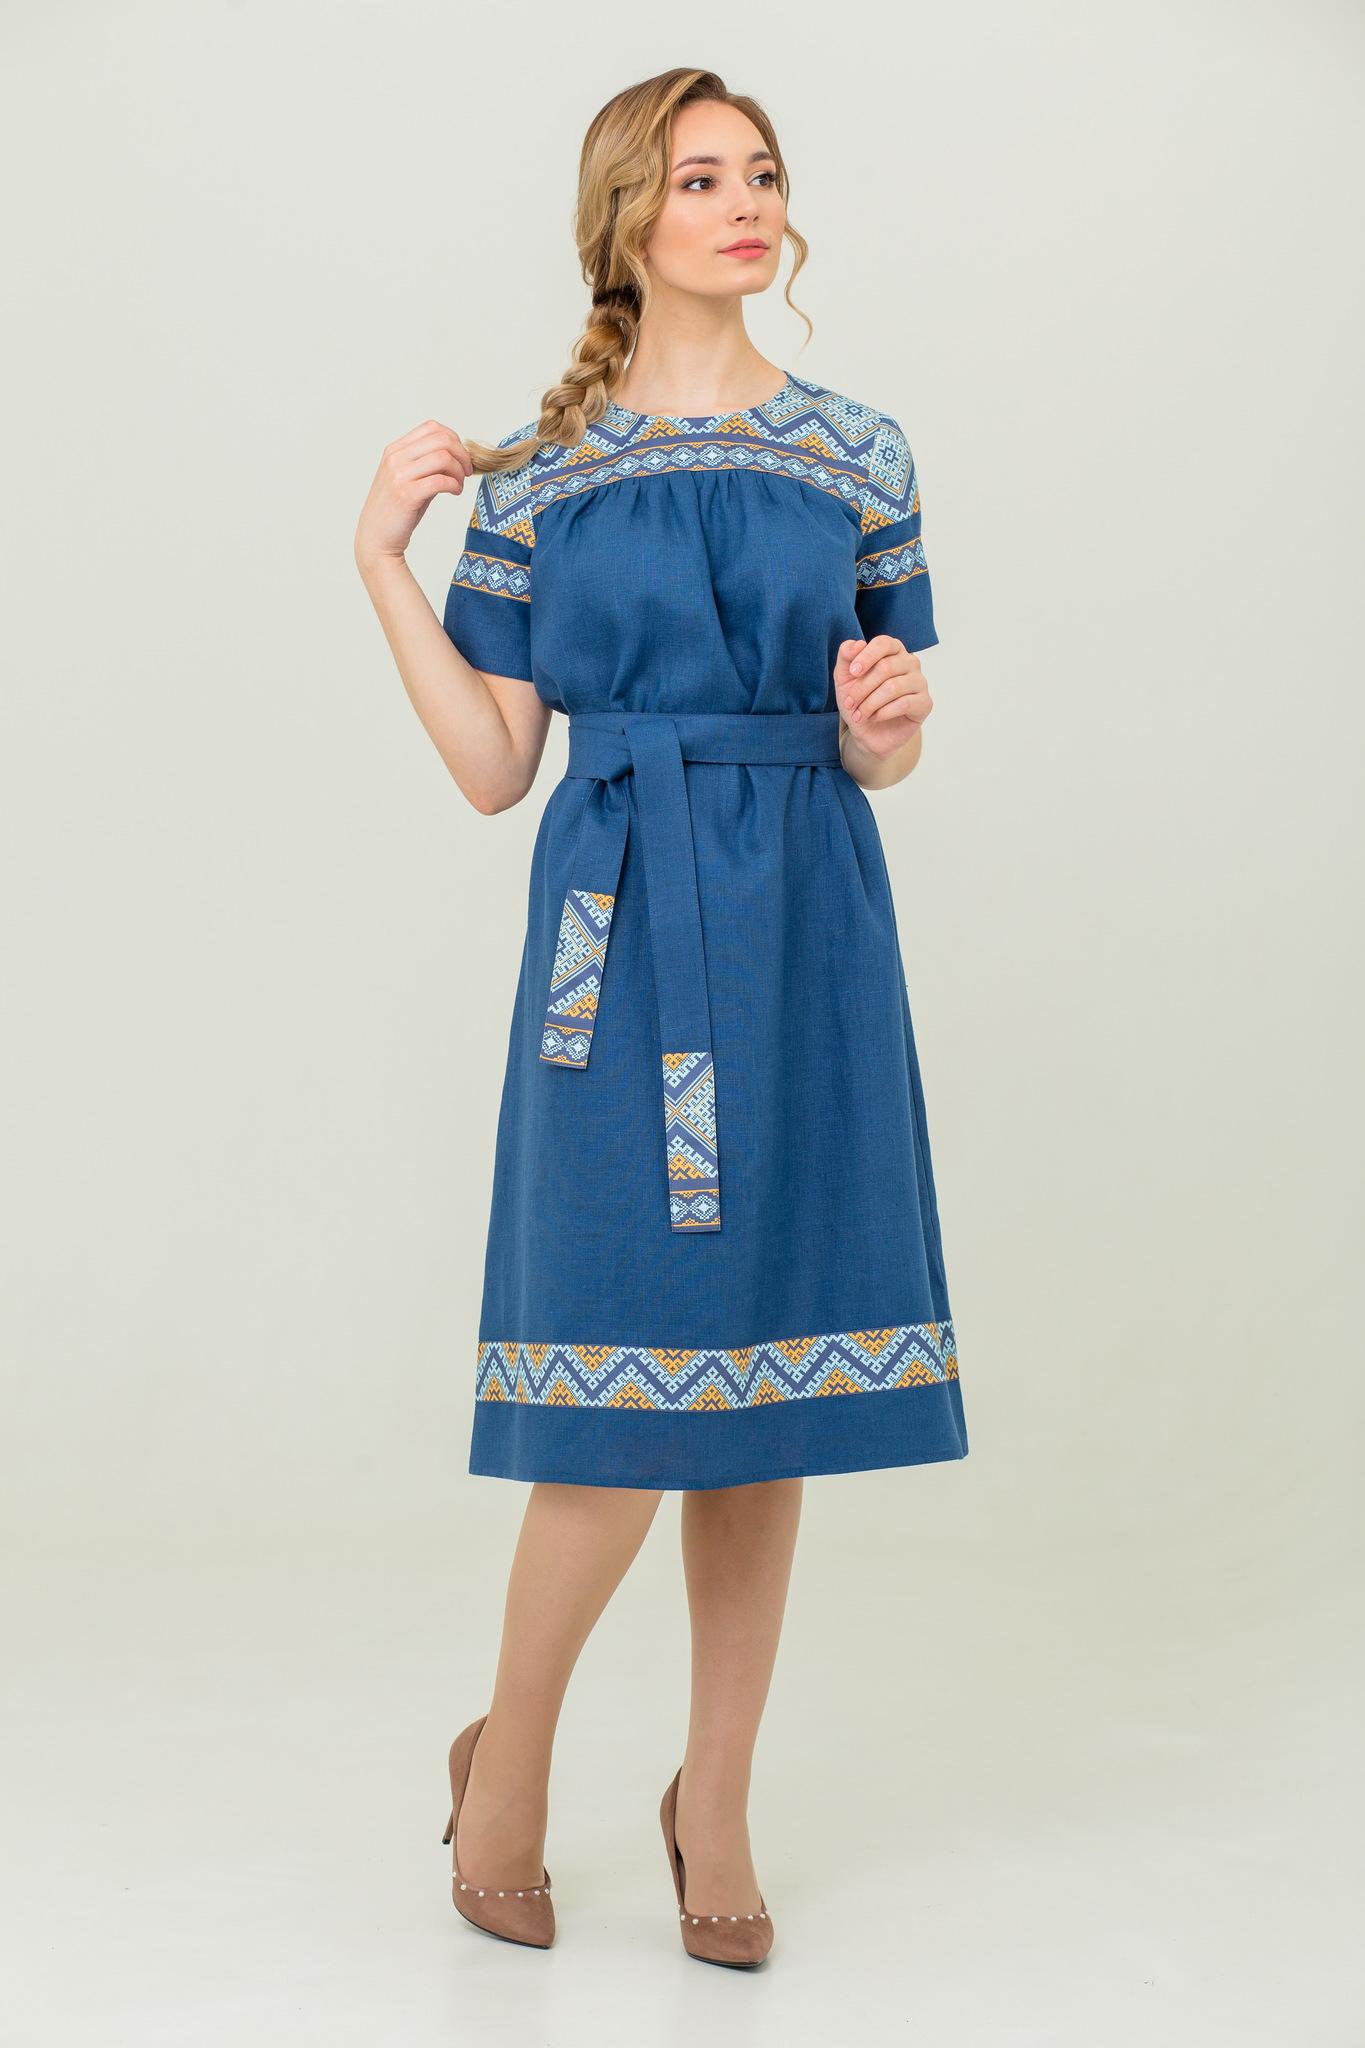 льняное платье в русском стиле Каспийское